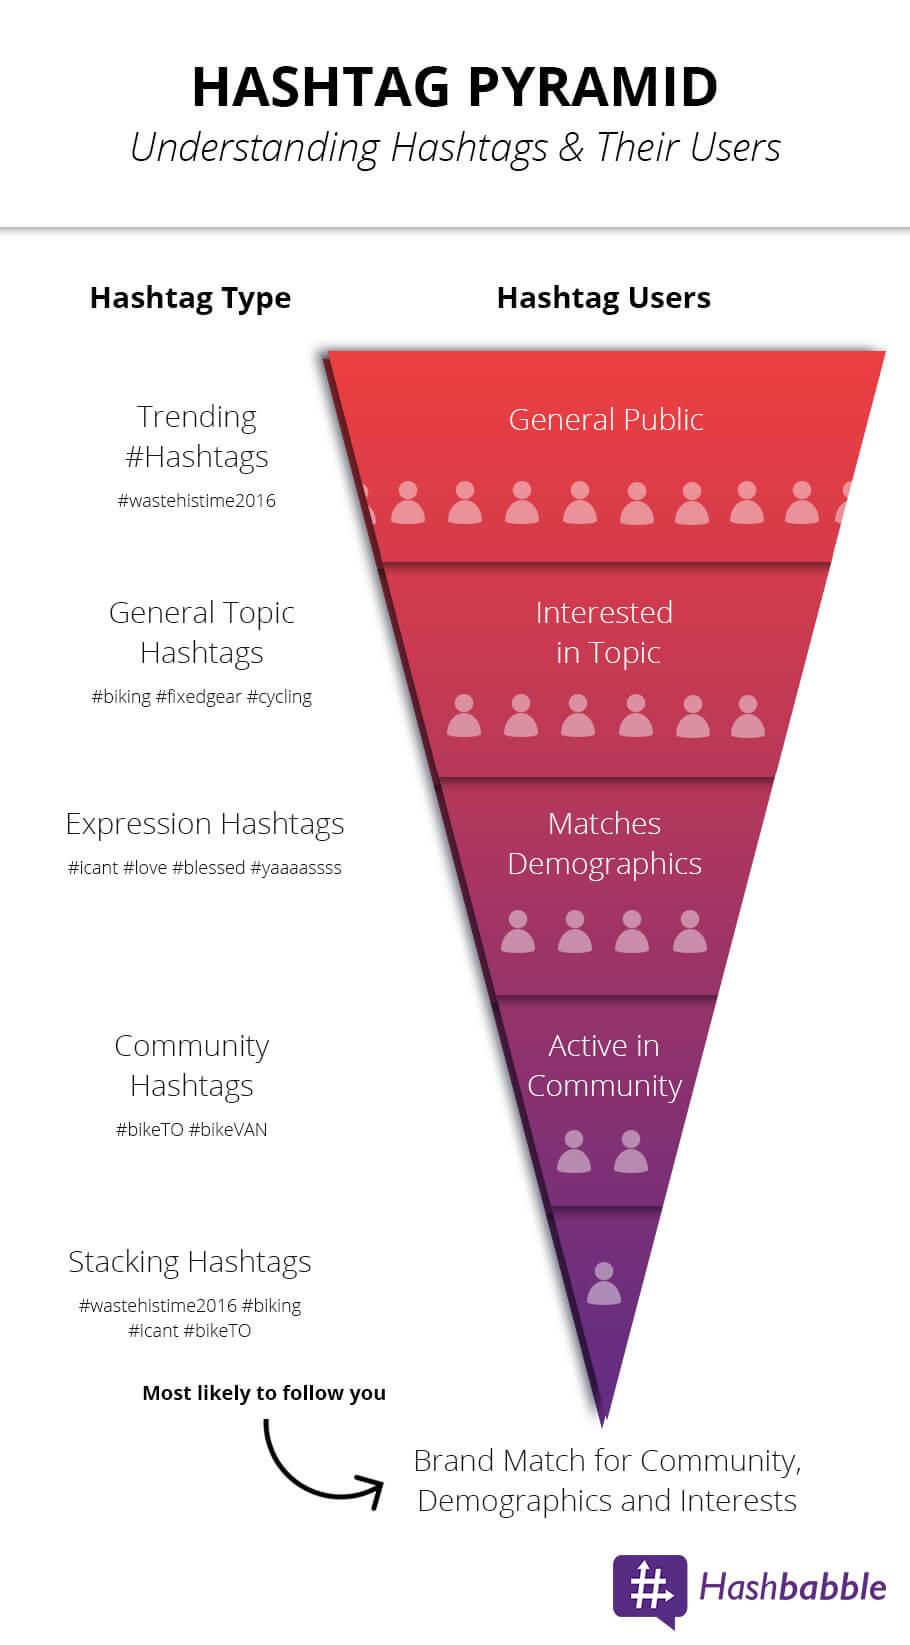 hashtag pyramid